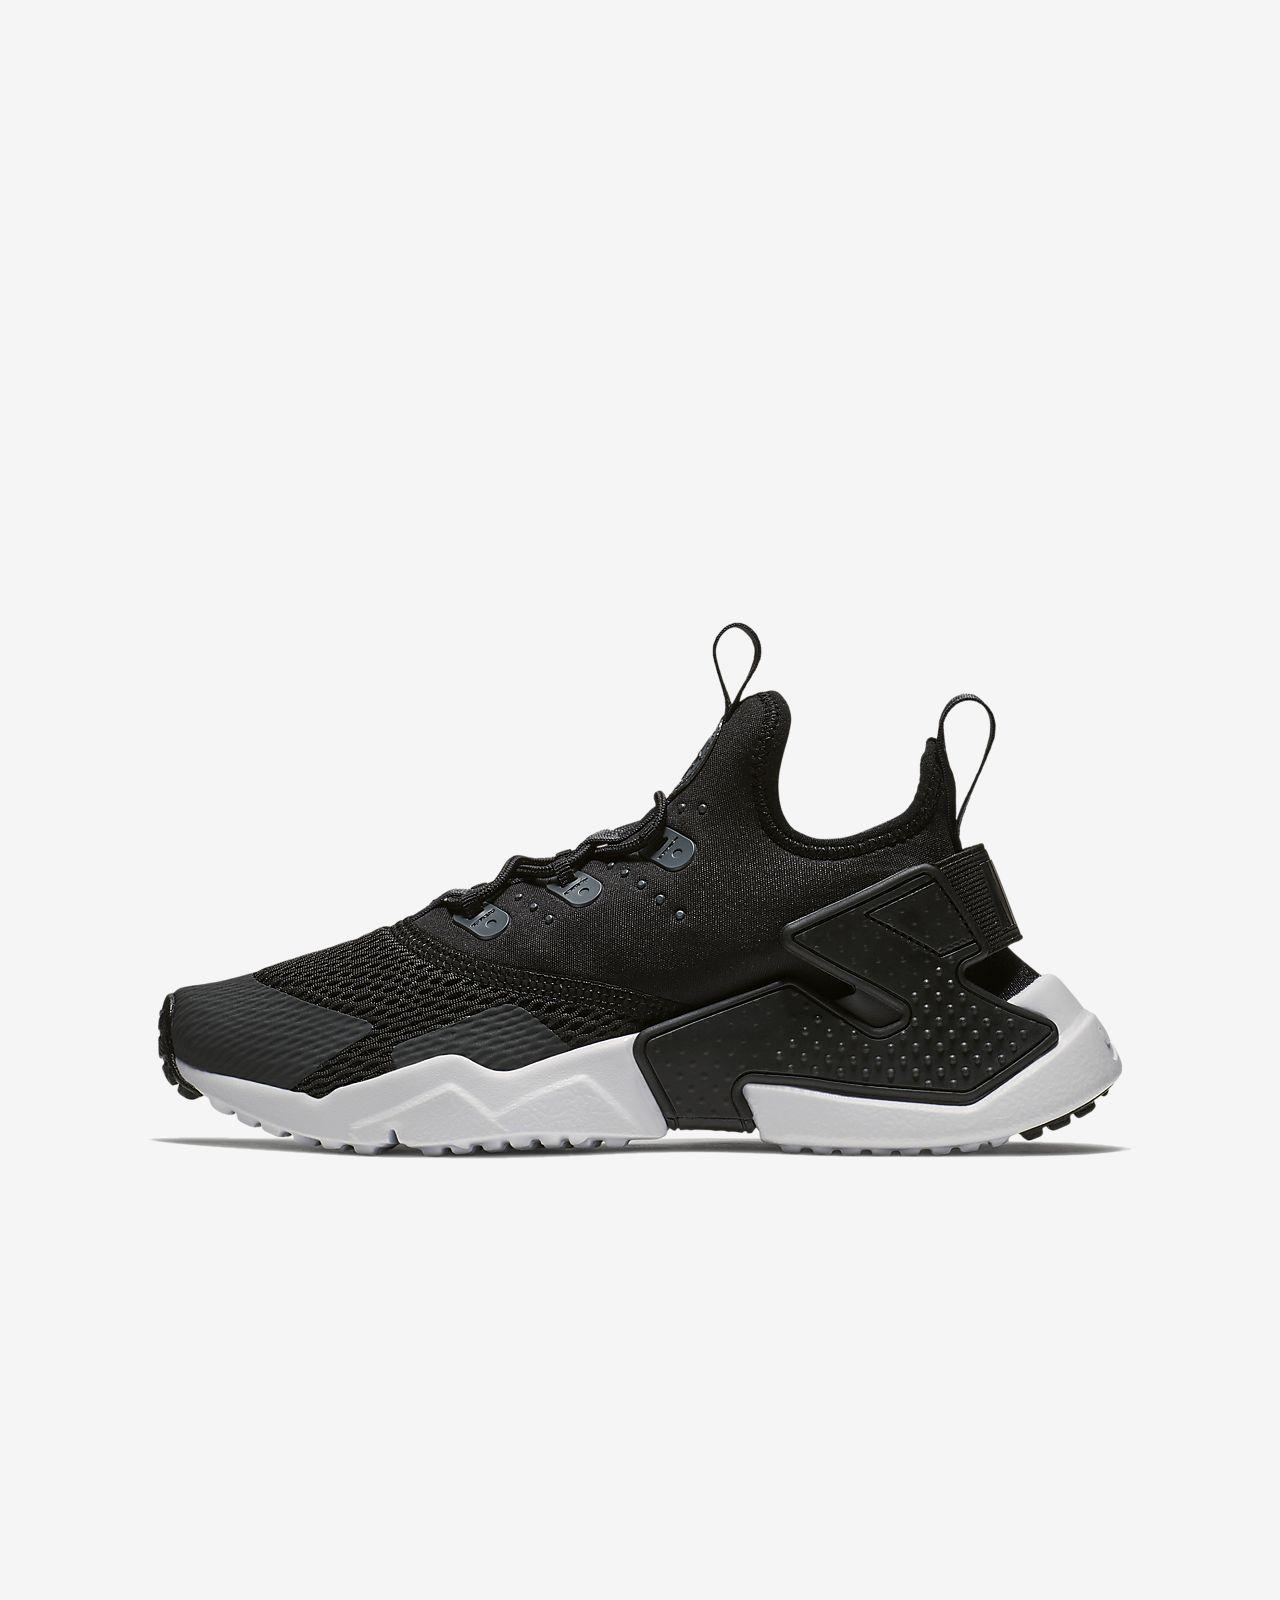 ... Nike Huarache Run Drift Zapatillas - Niño/a